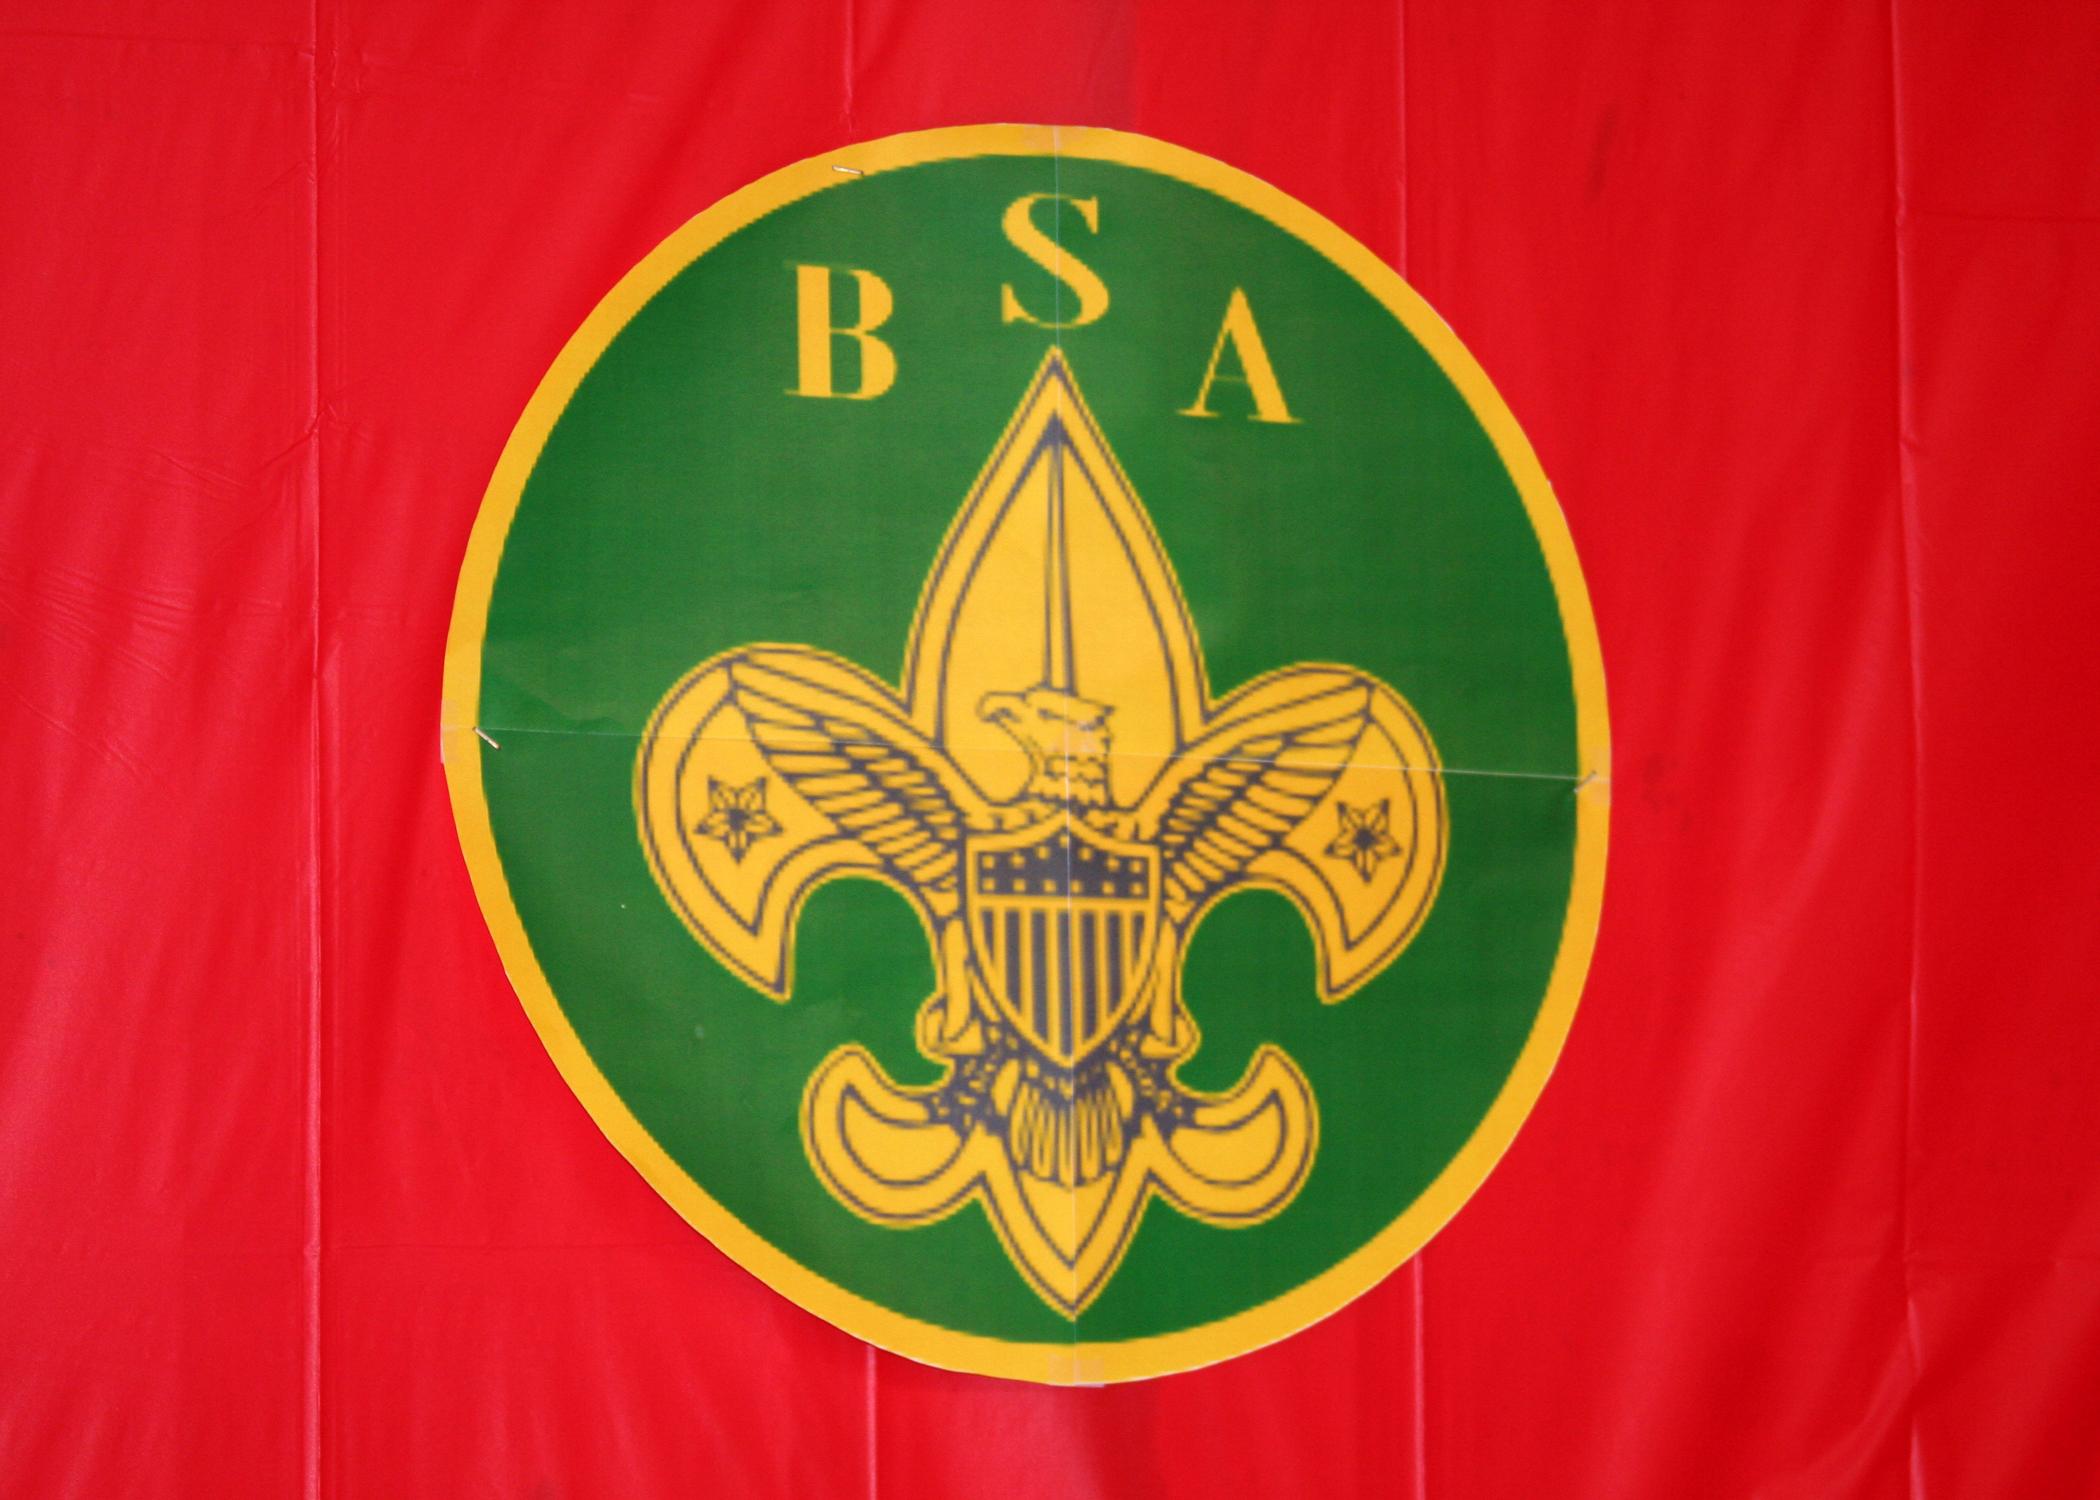 Junge verklagt die Boy Scouts of America